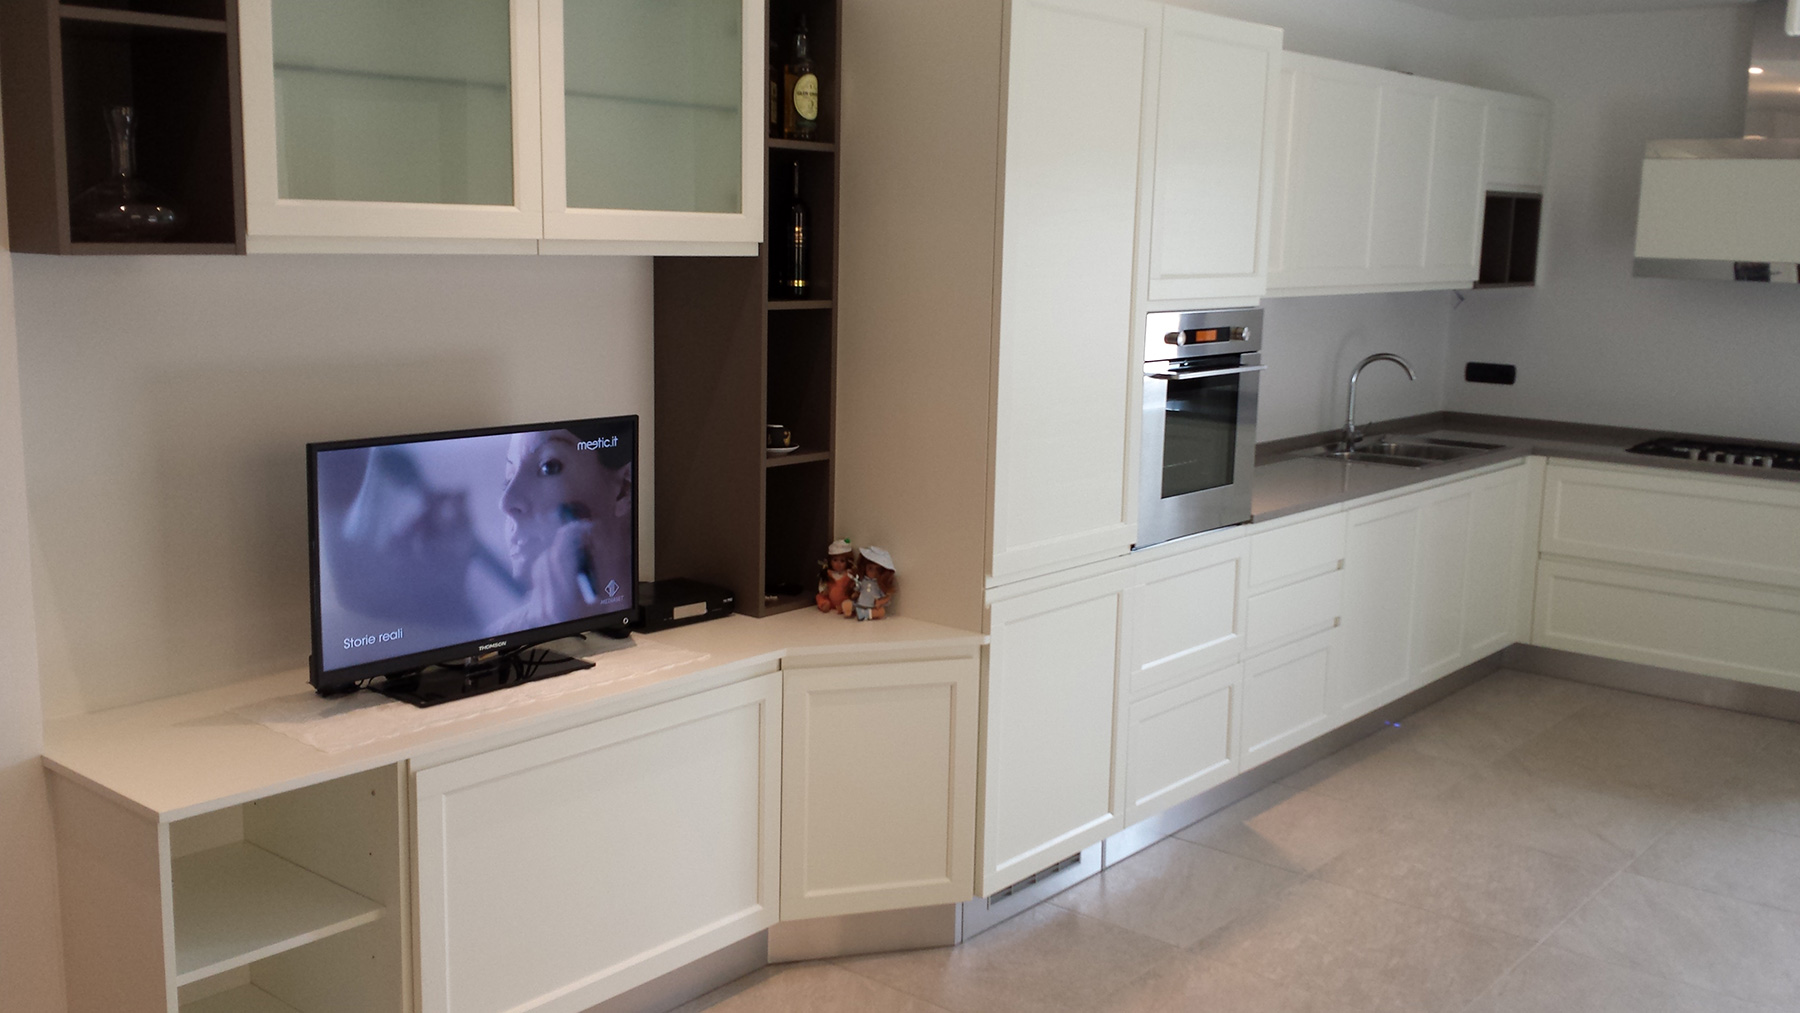 Cucina GD modello Gioiosa open space a Vidor (TV)